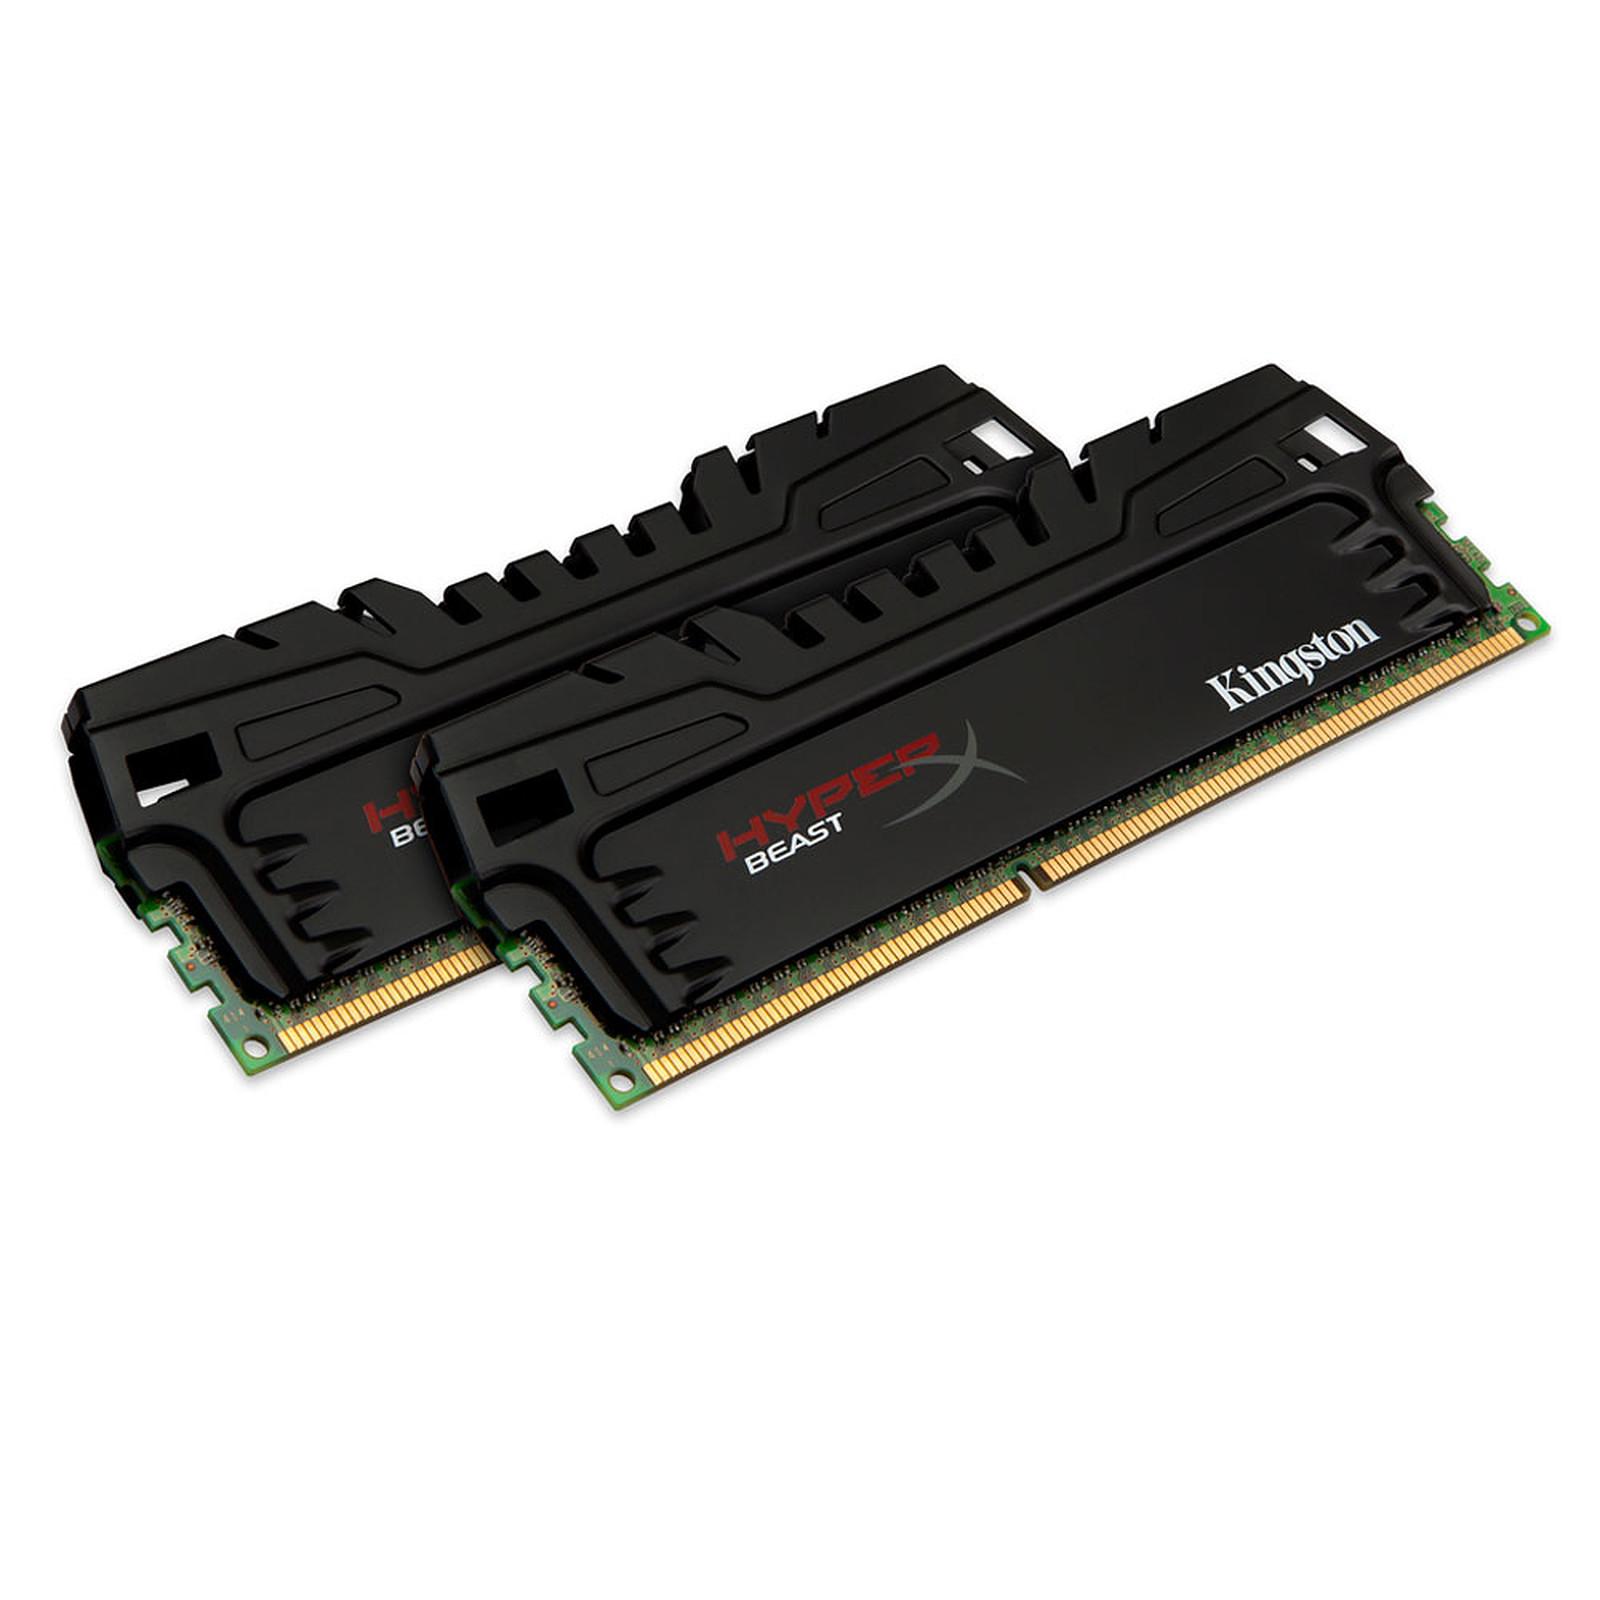 HyperX Beast 16 Go (2 x 8 Go) DDR3 1600 MHz CL9